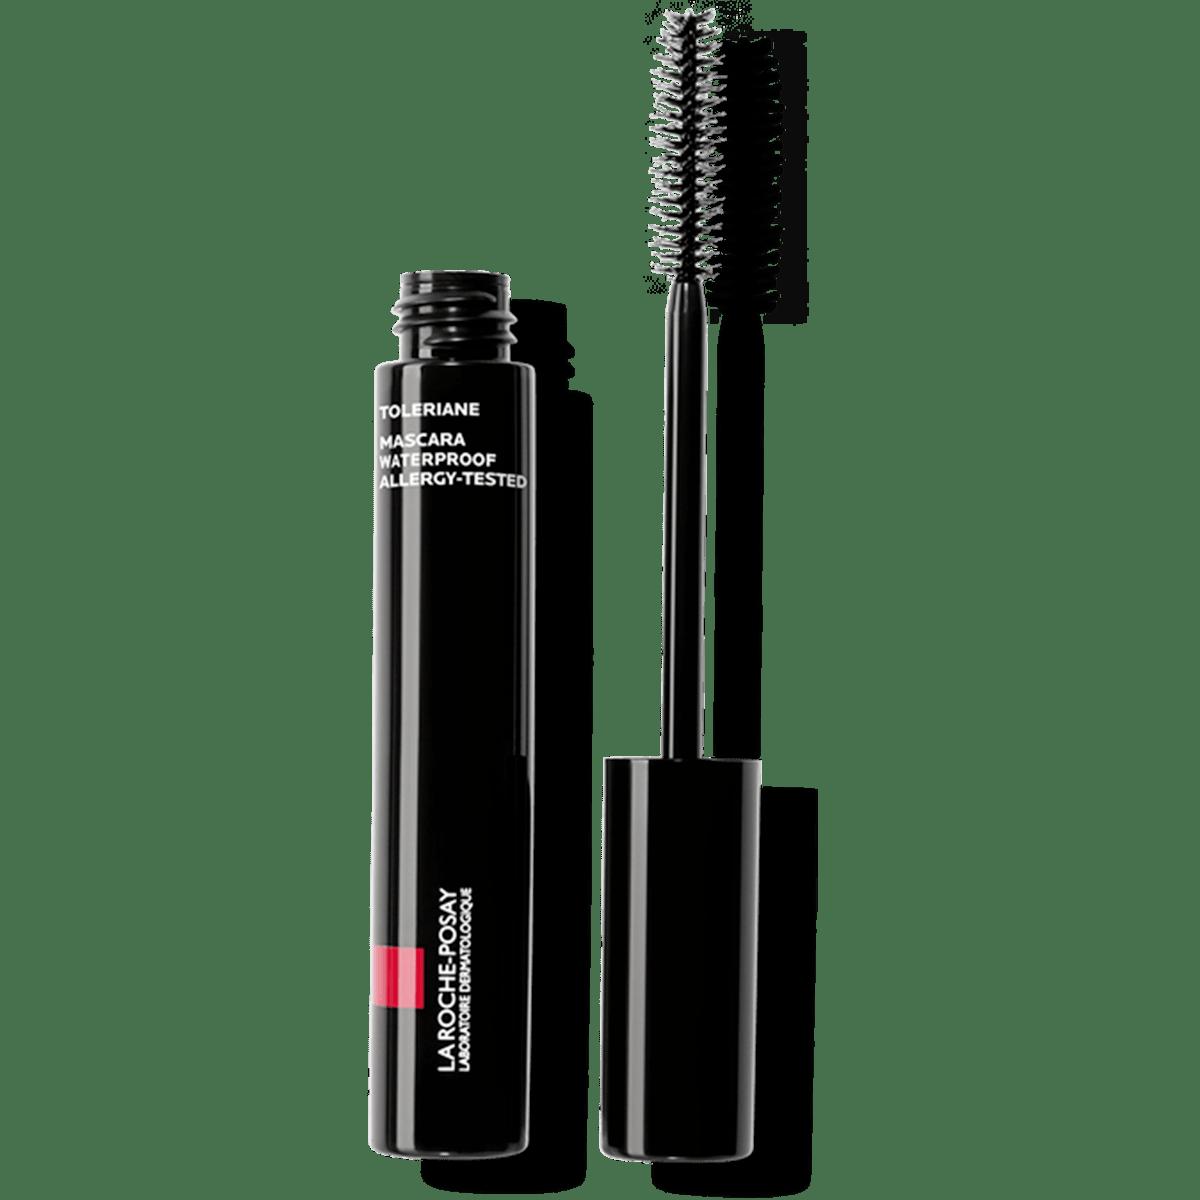 La Roche Posay Sensitiv Toleriane Sminke WATERPROOF MASCARA Sort 33